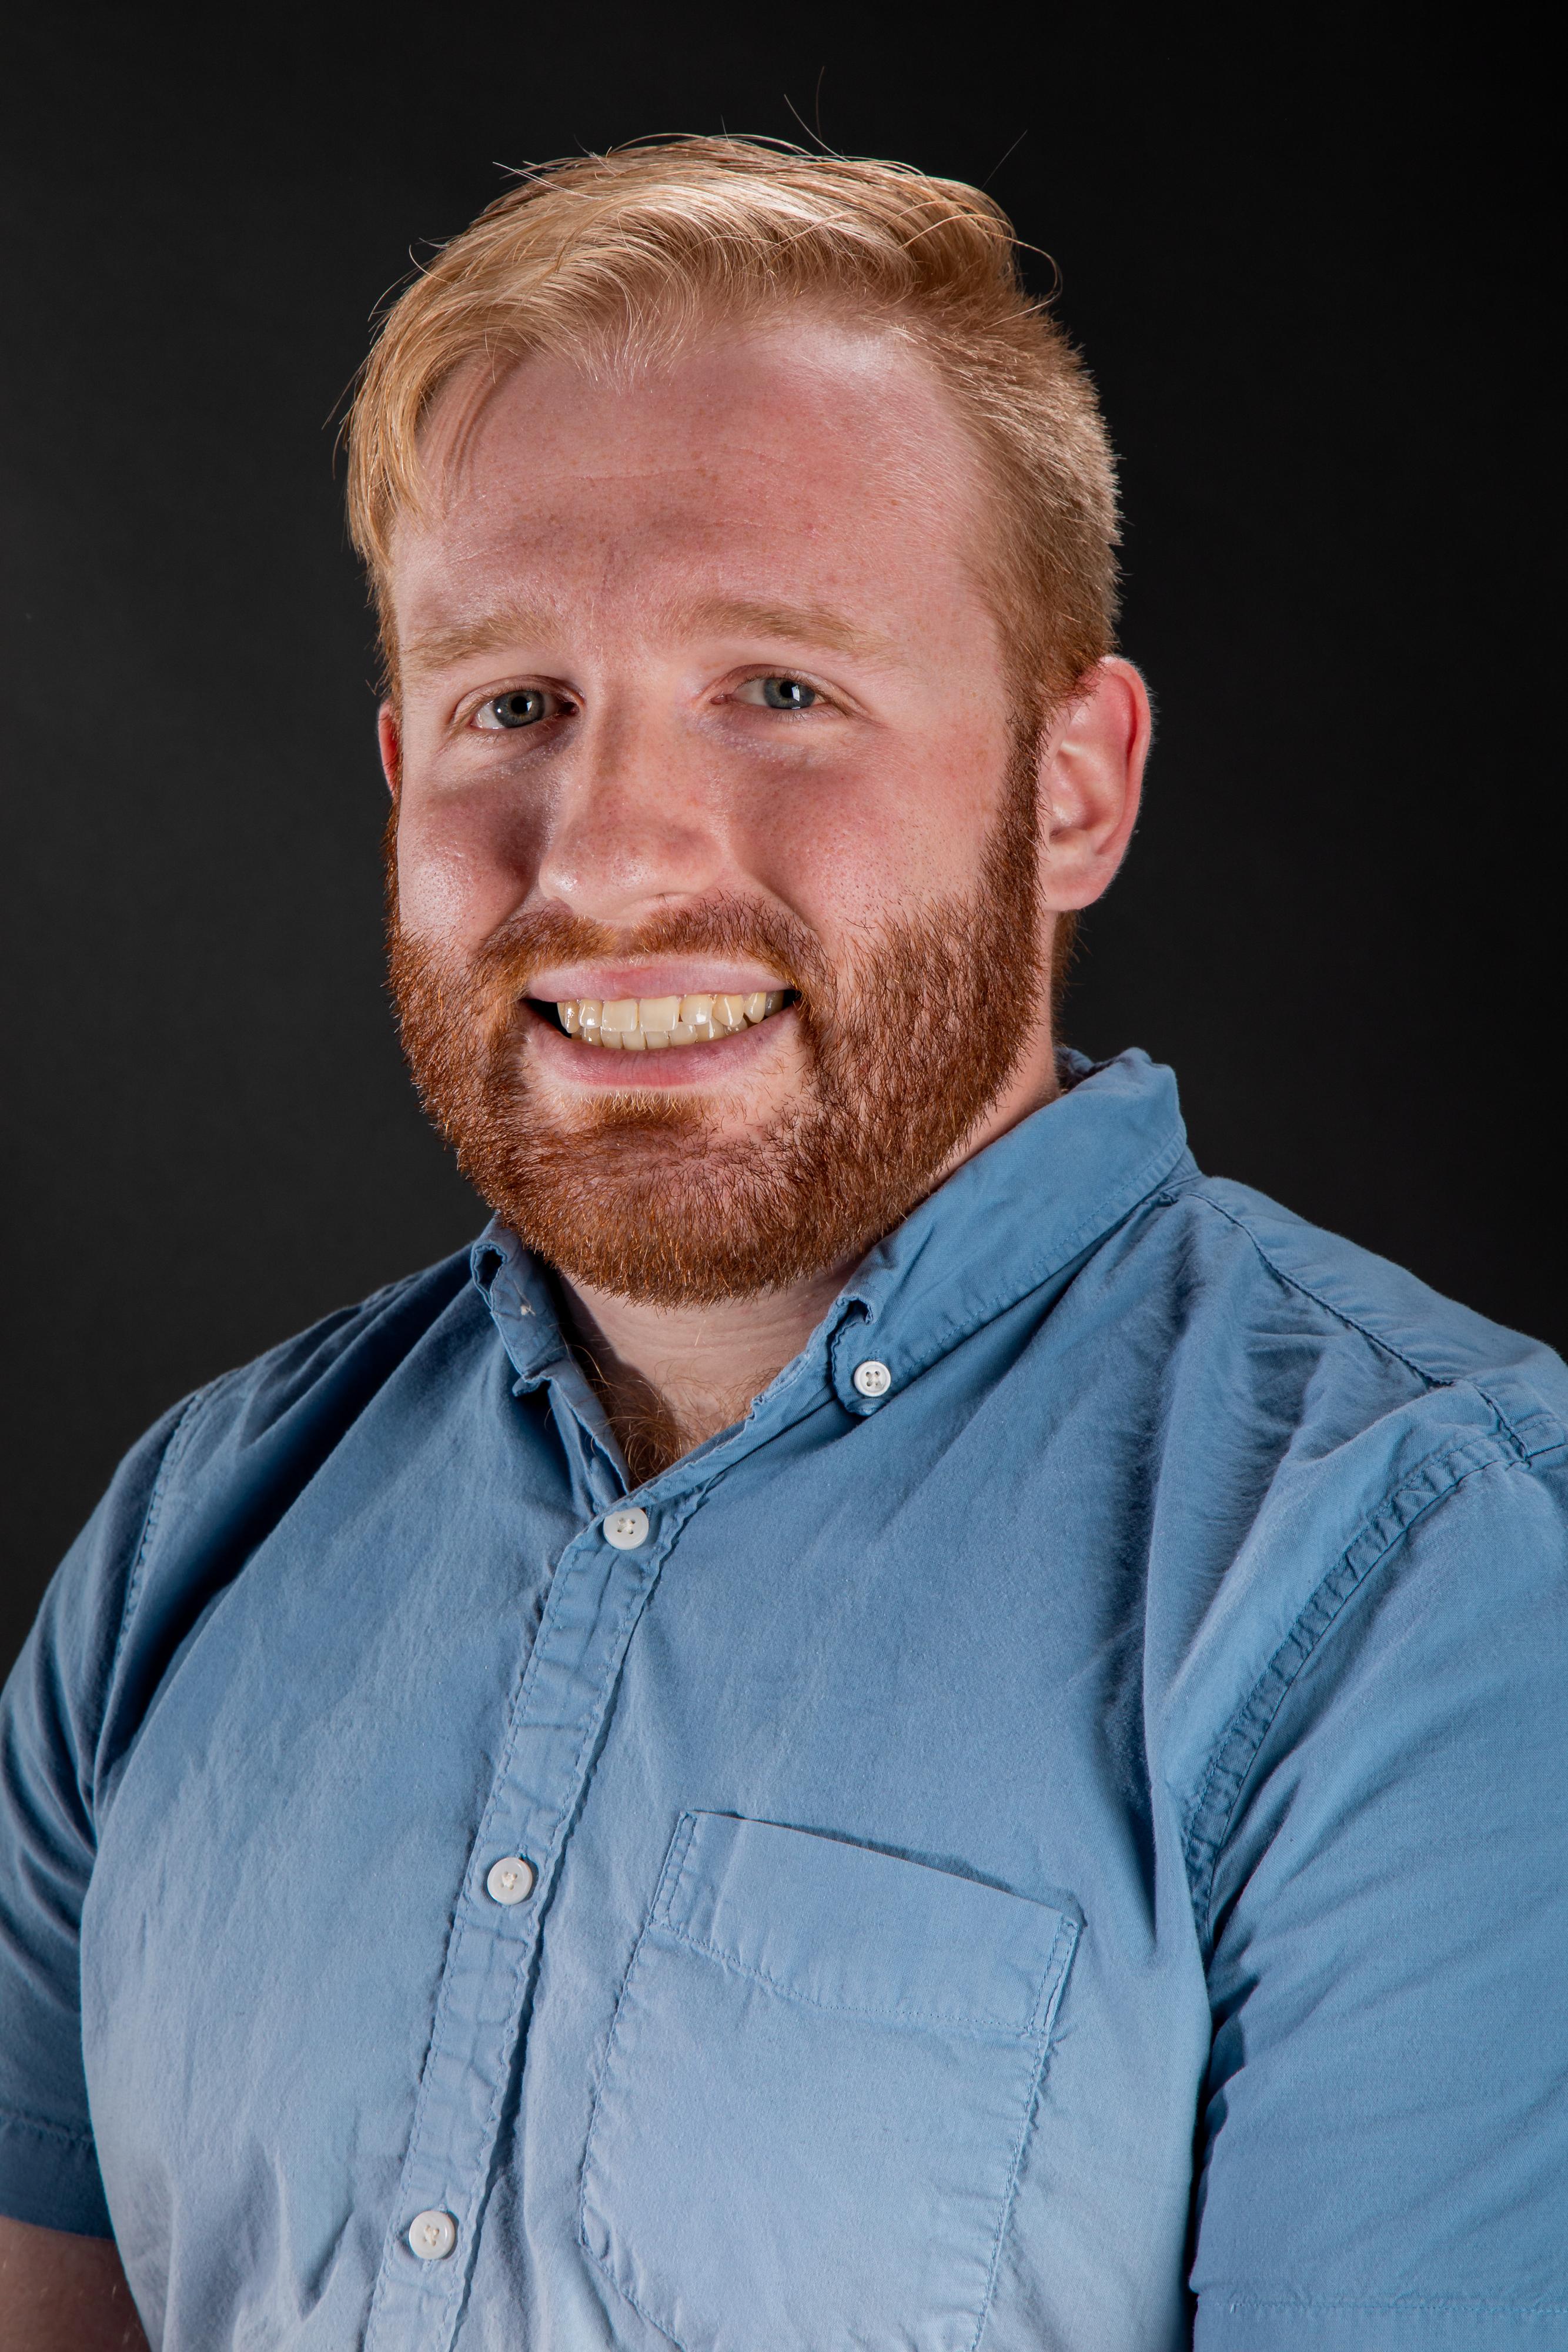 Tanner Russ